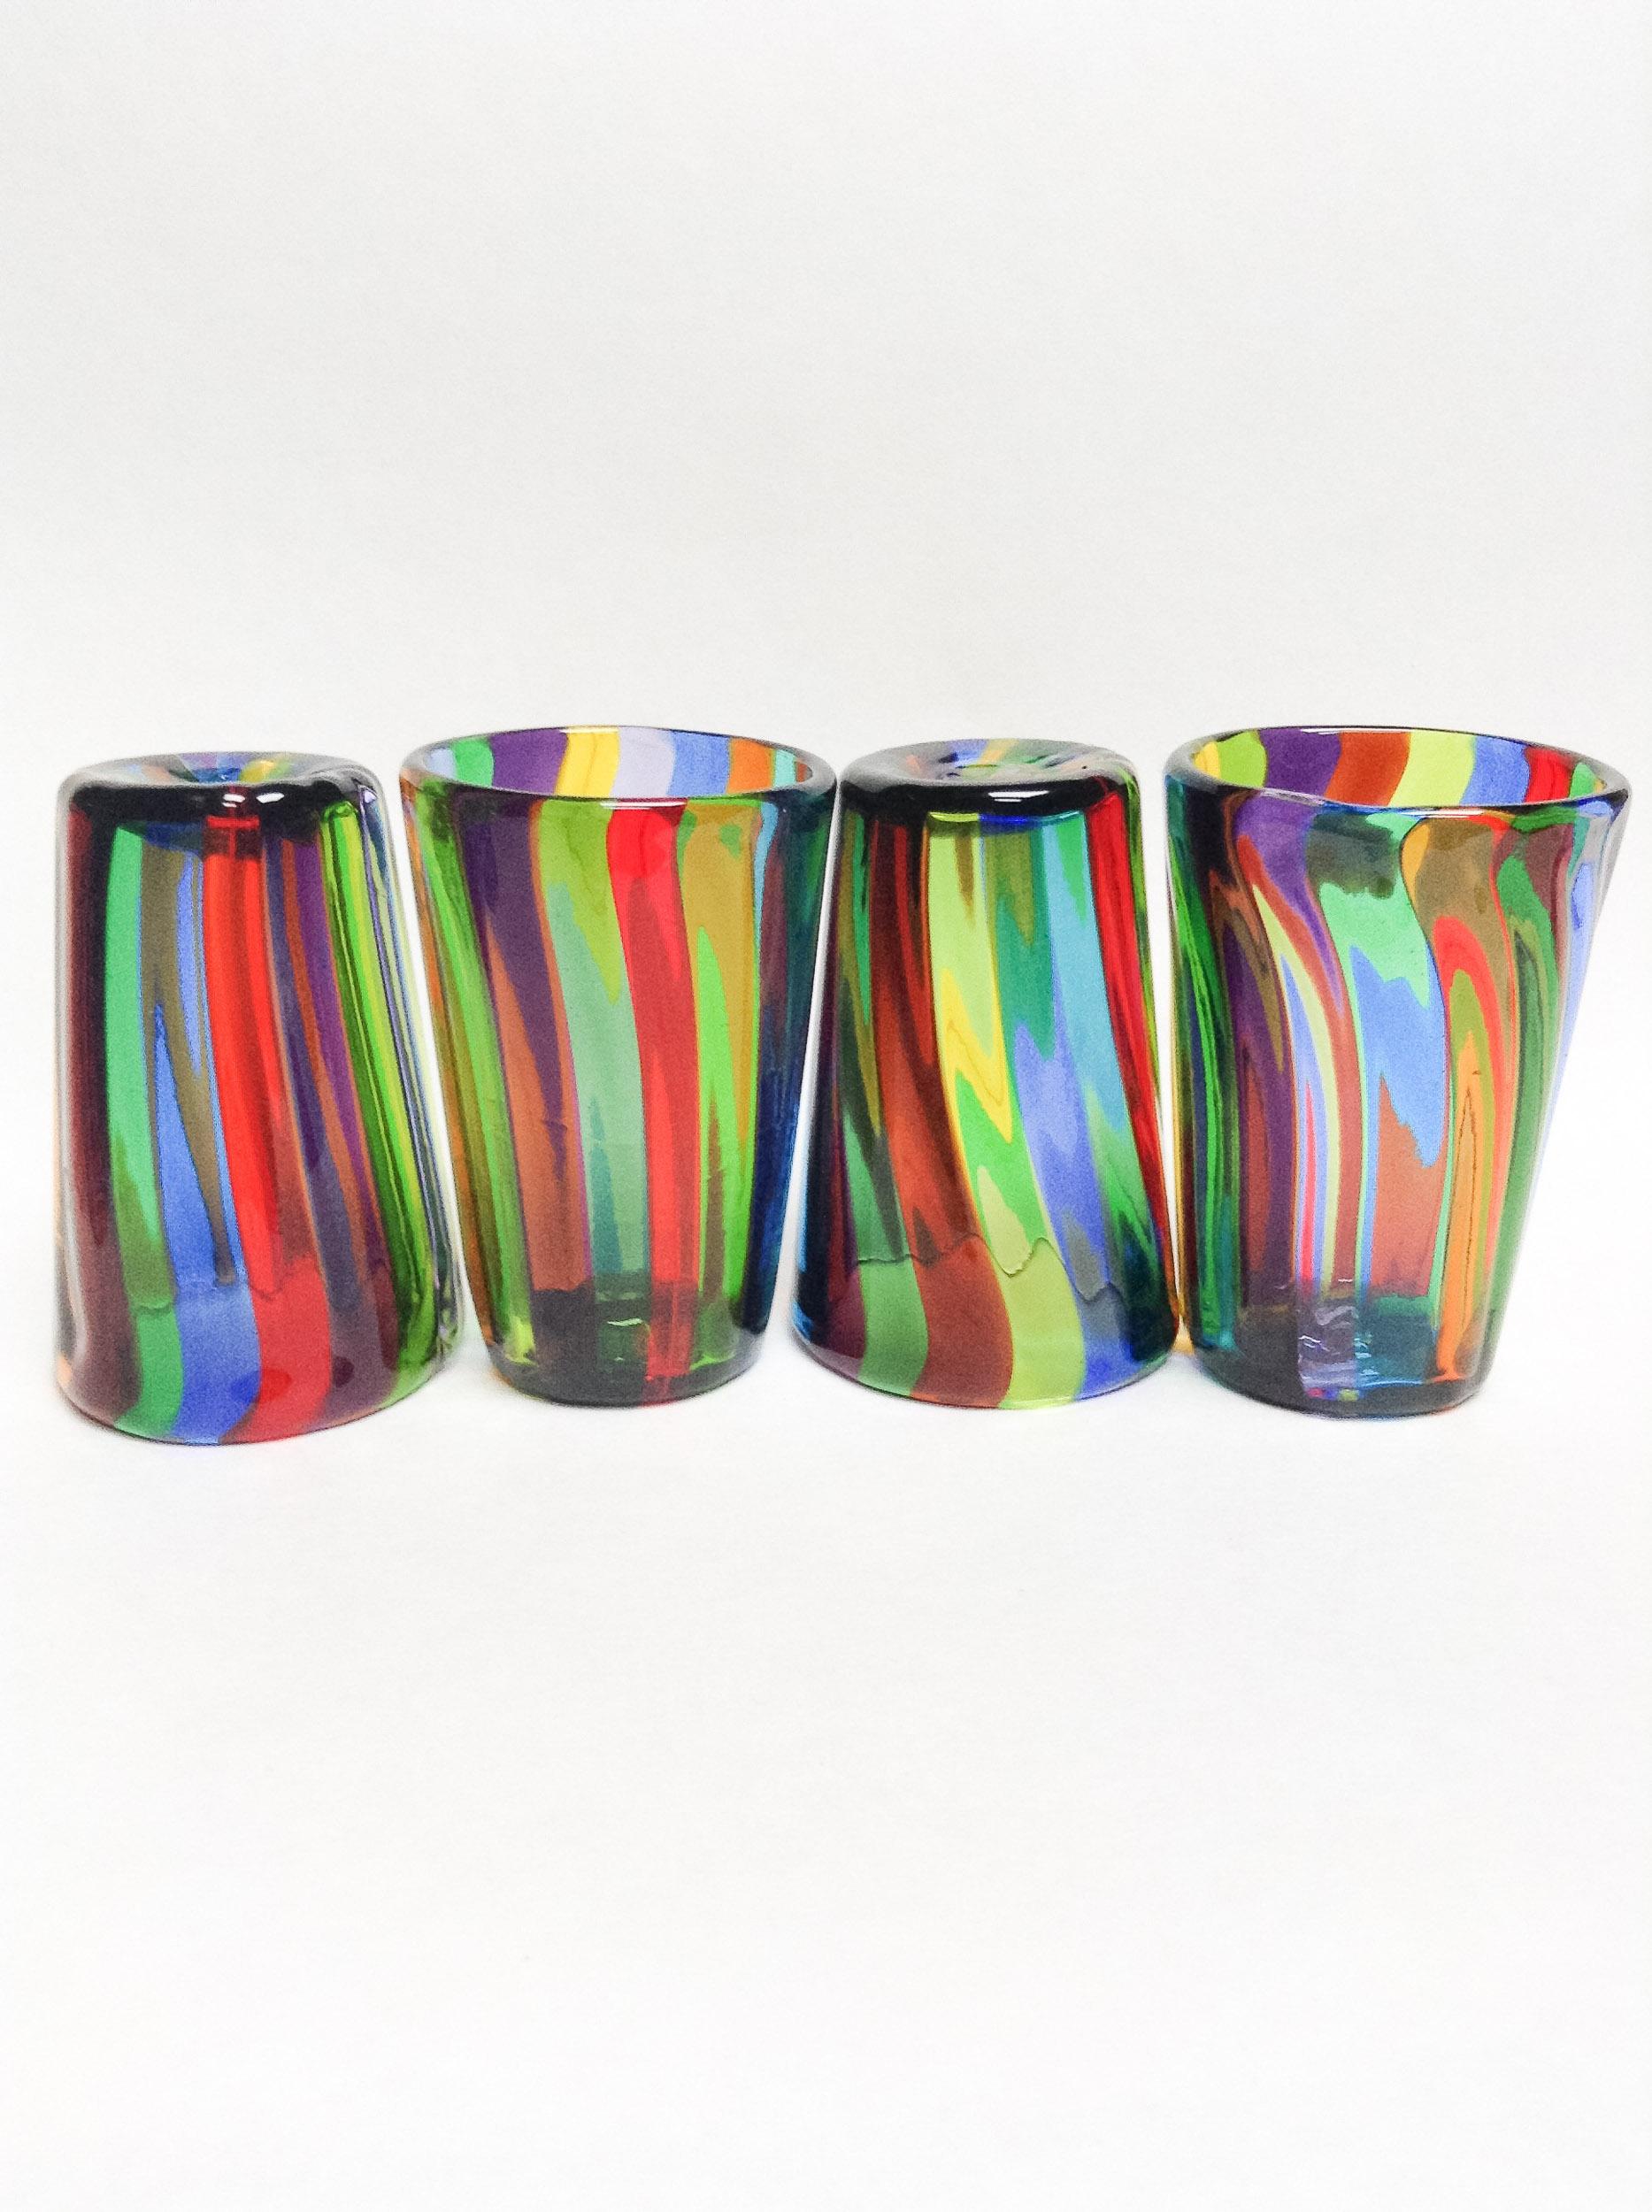 Olive-Glass_Italian-Art-Glass_Corrie-Haight_Lark-Dalton-20161120-3.jpg